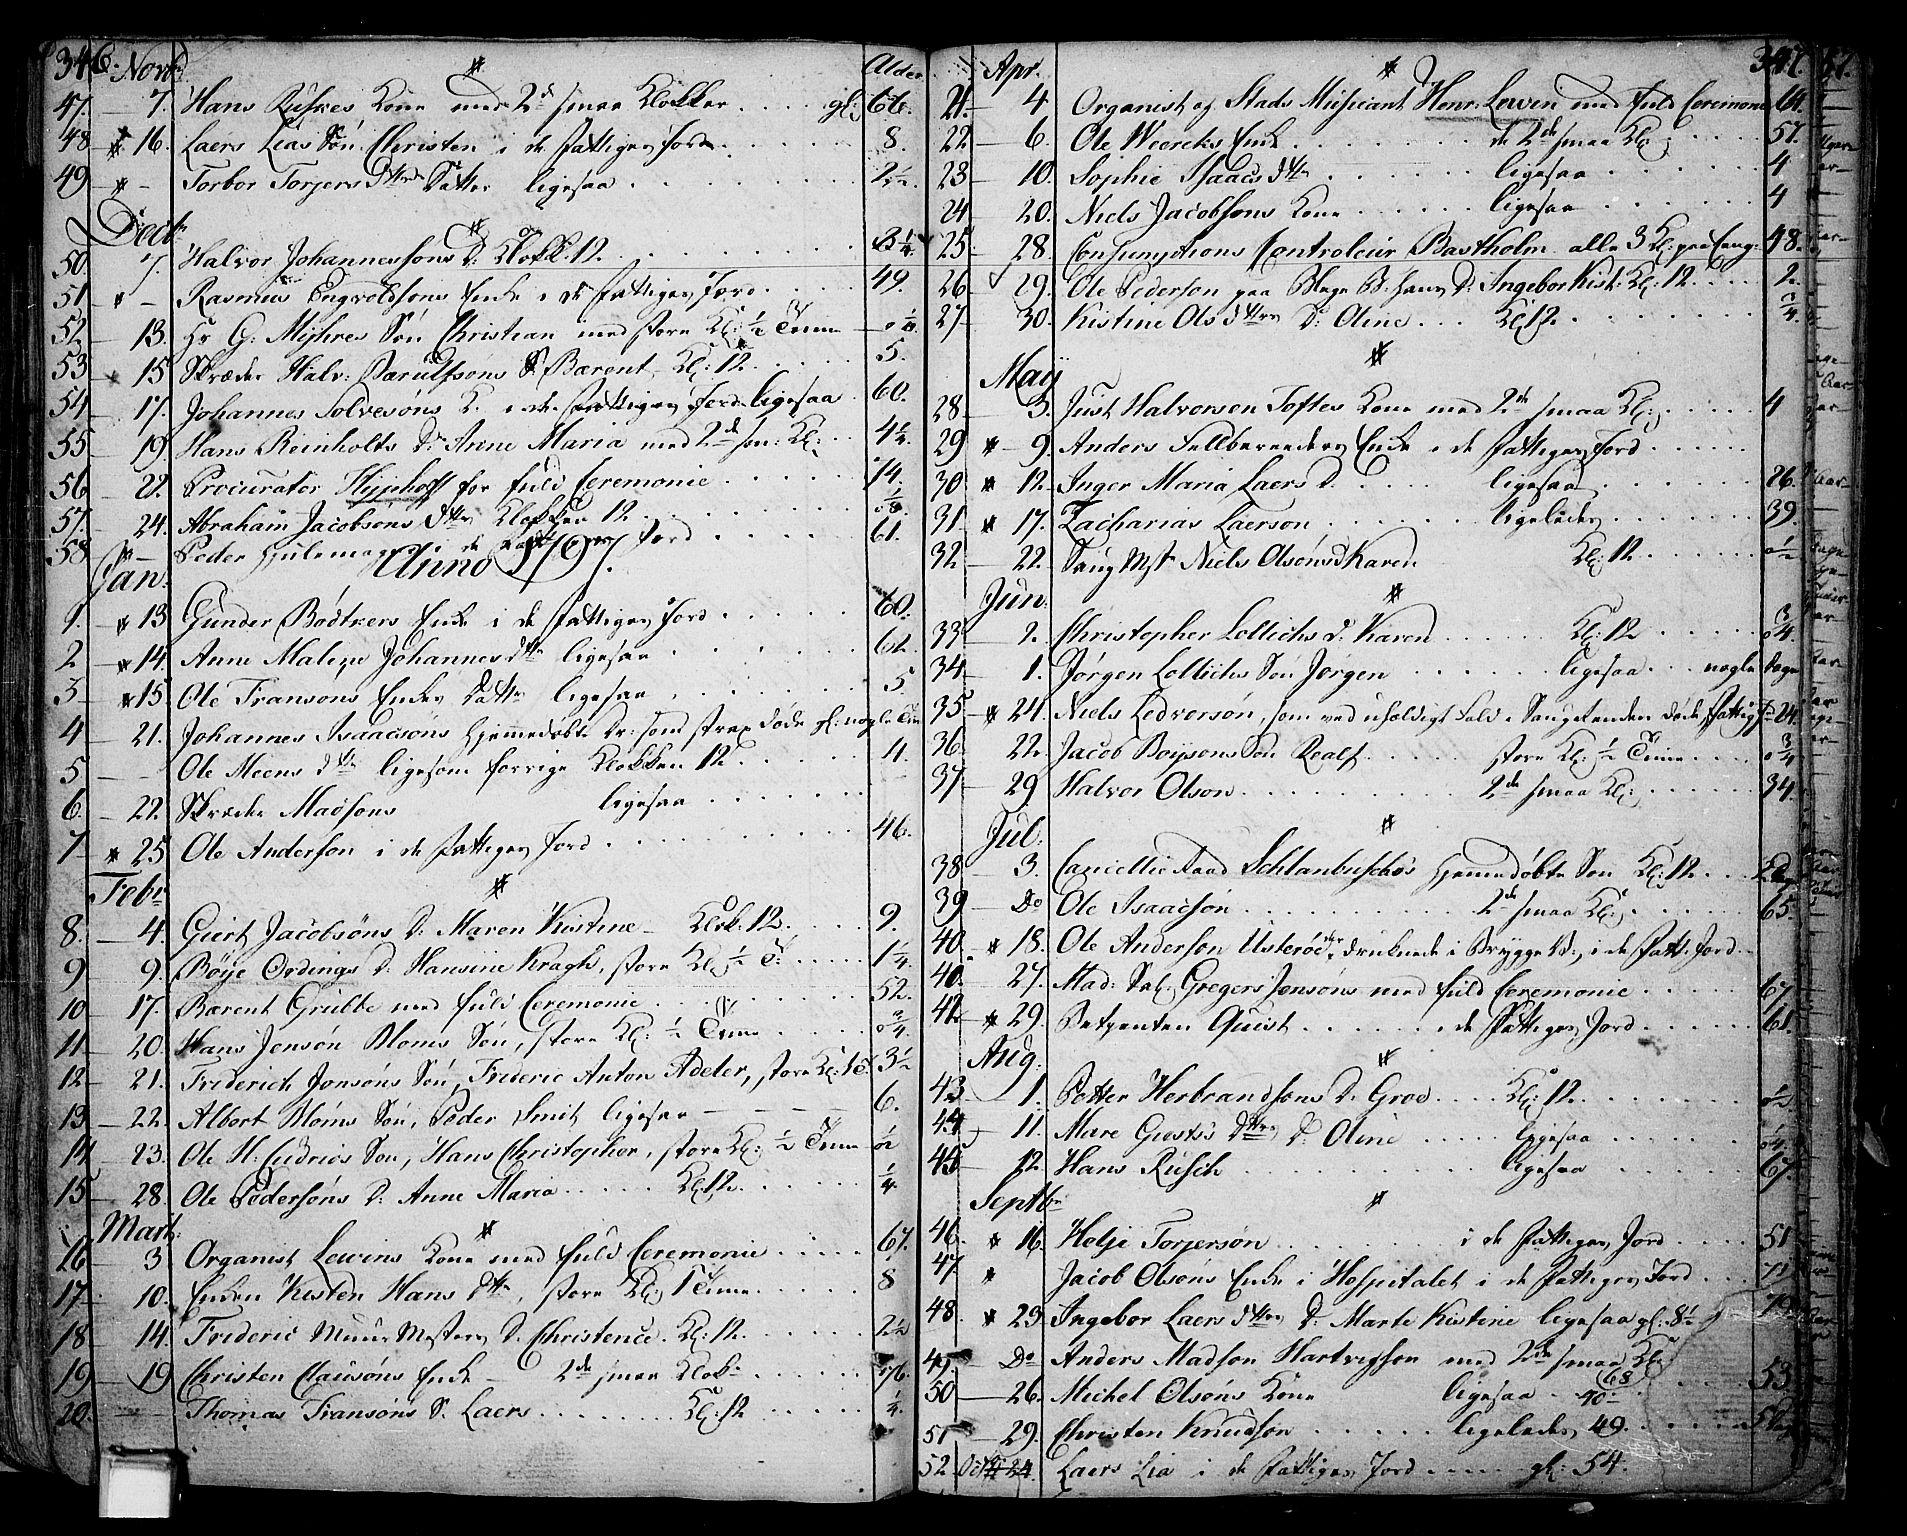 SAKO, Skien kirkebøker, F/Fa/L0004: Ministerialbok nr. 4, 1792-1814, s. 346-347